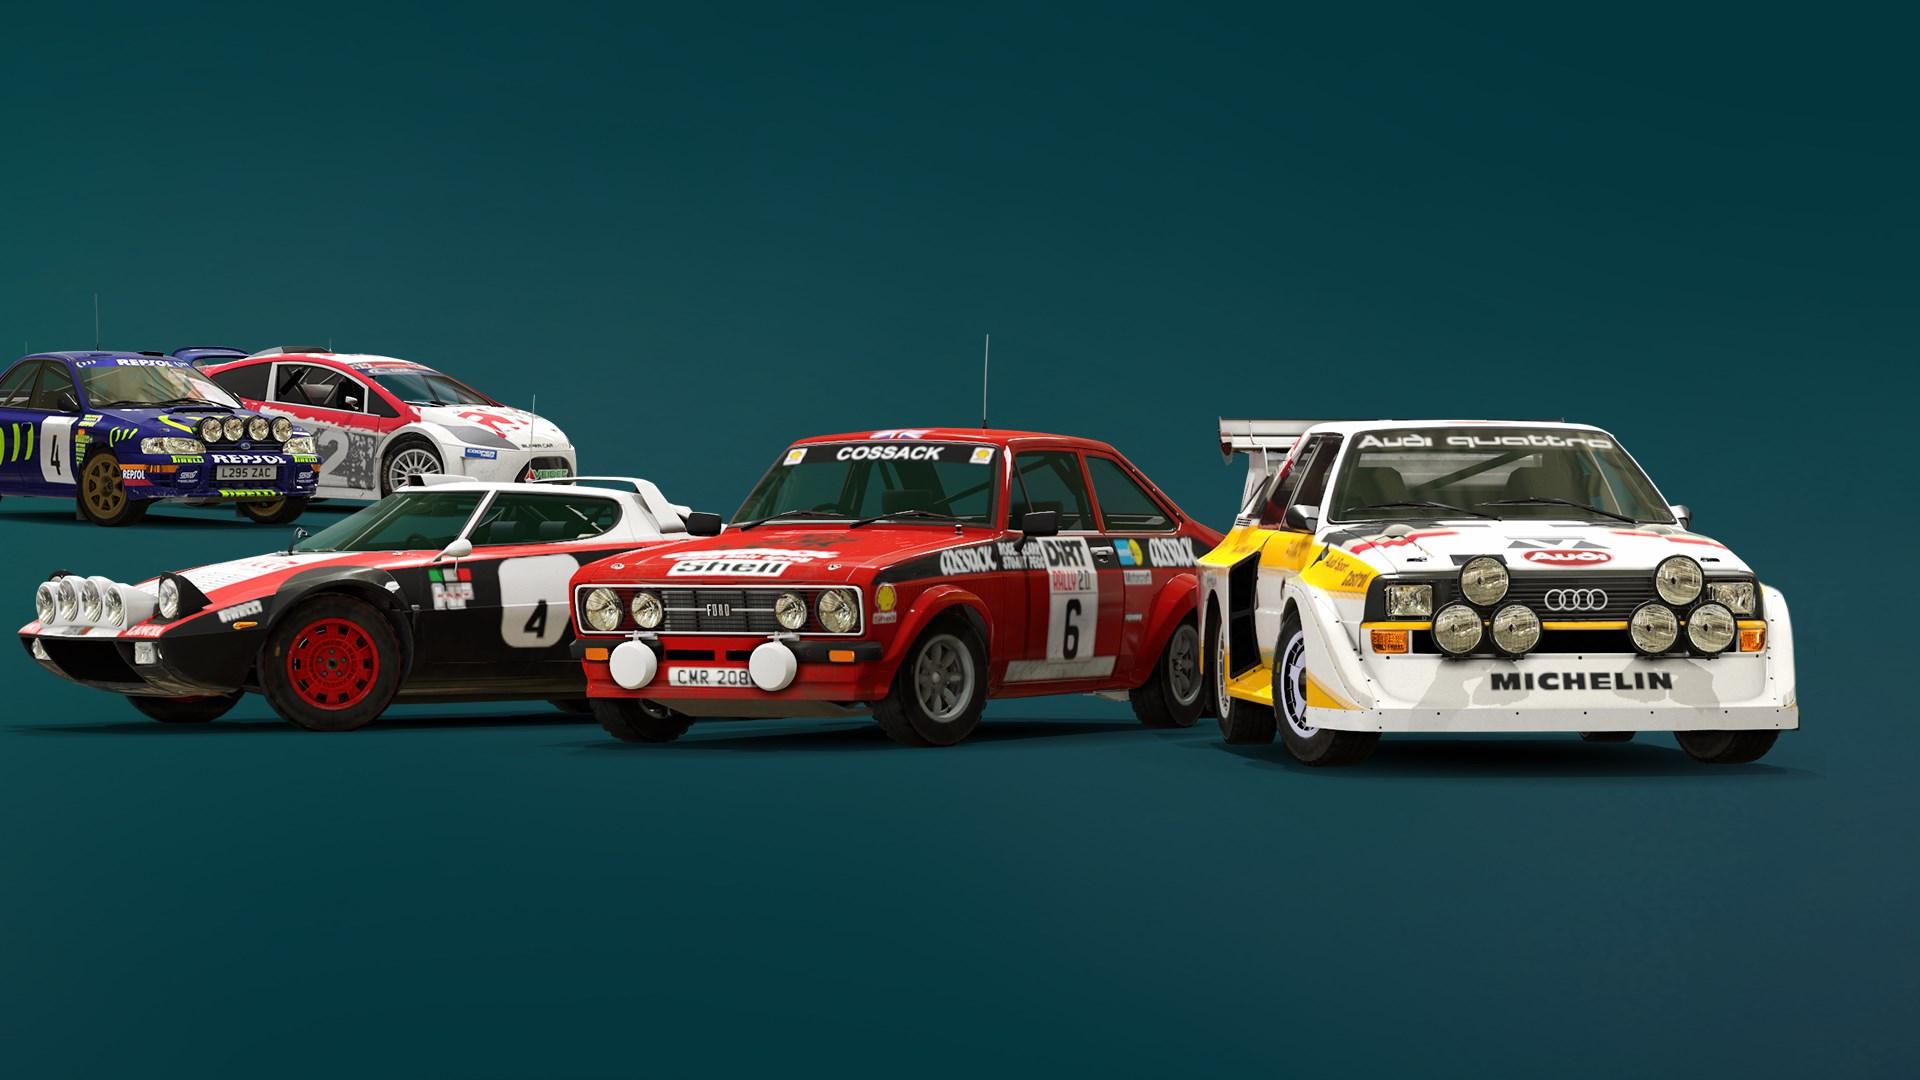 5 Car Variety Pack